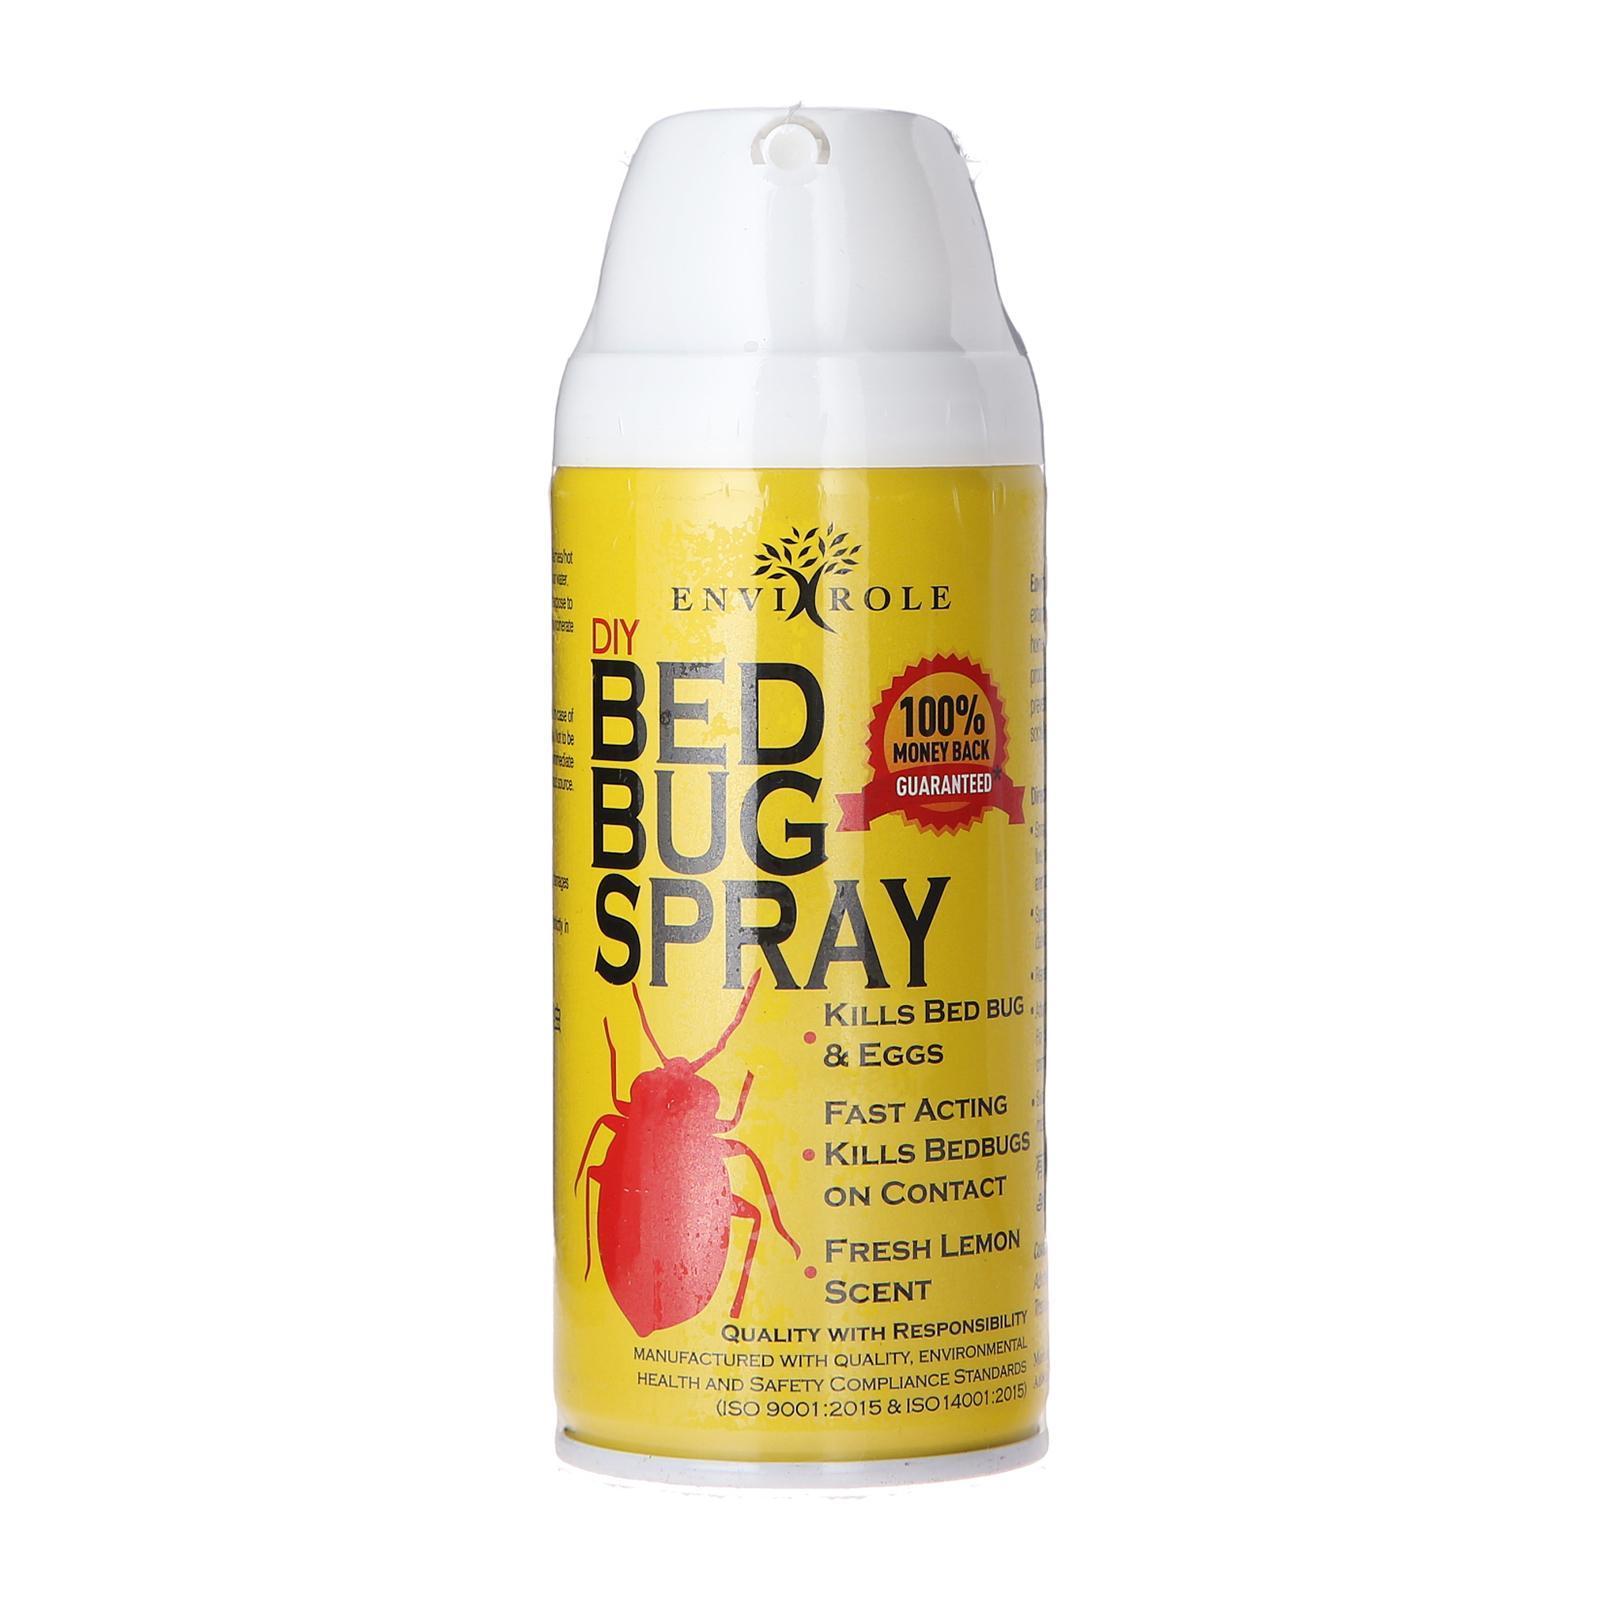 Envirole Bed Bug Spray